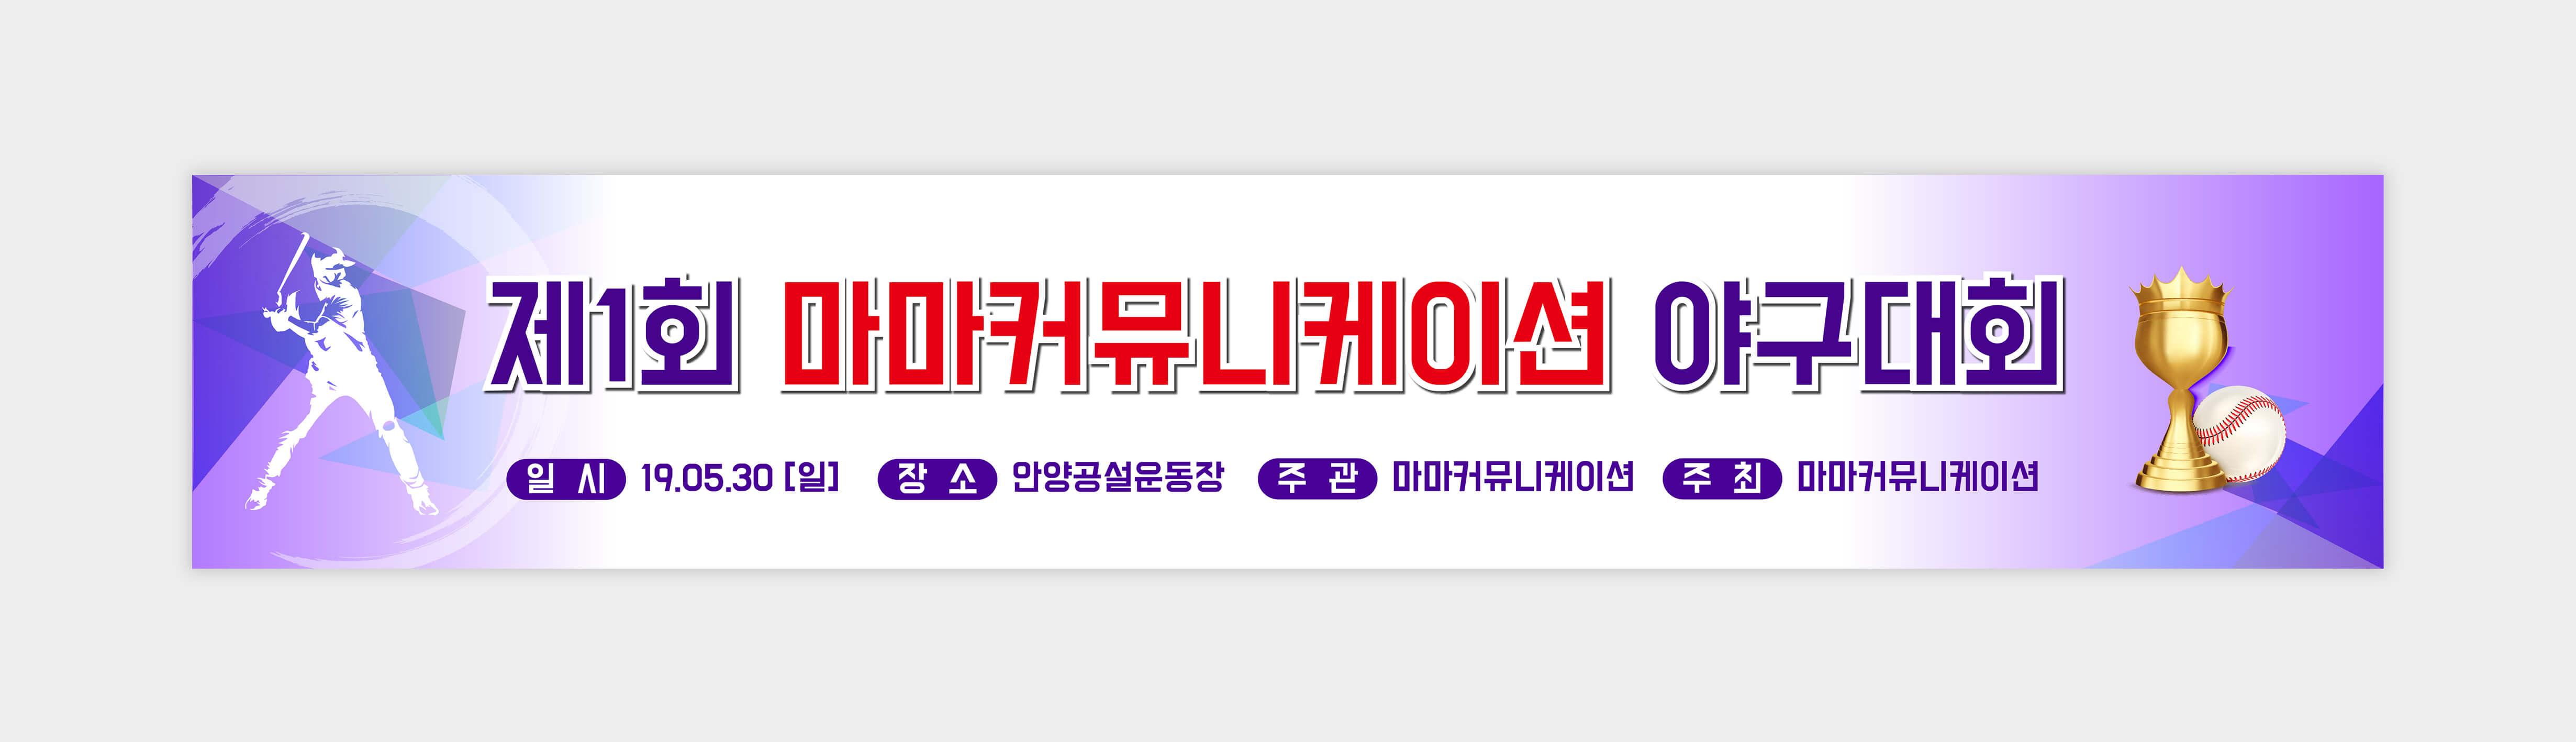 현수막_055